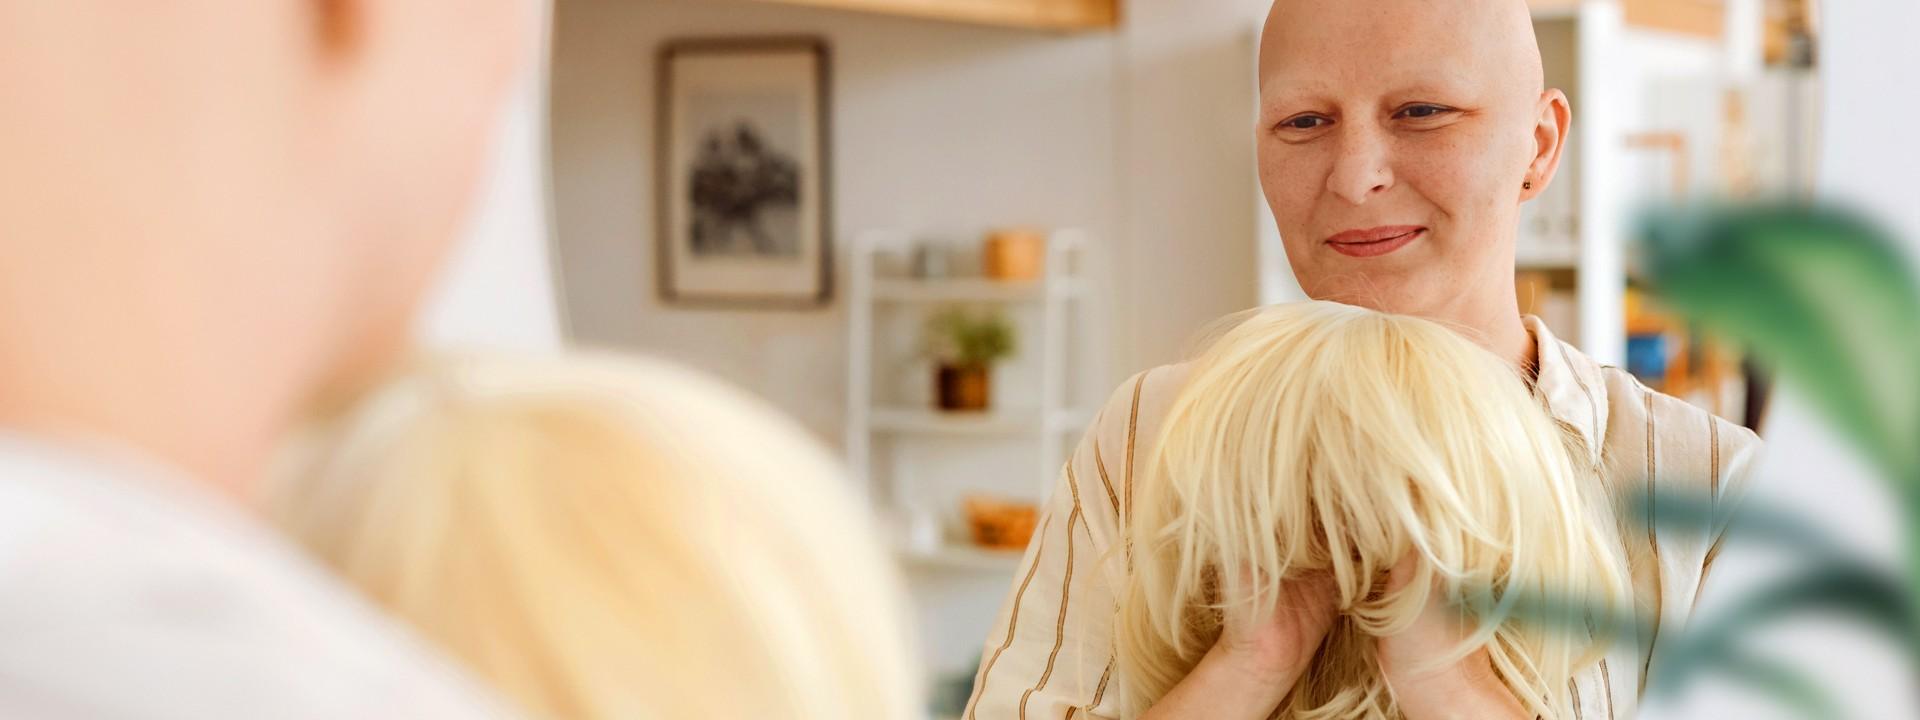 Eine Frau mit Glatze schaut in einen Spiegel und hält eine blonde Perücke in der Hand.